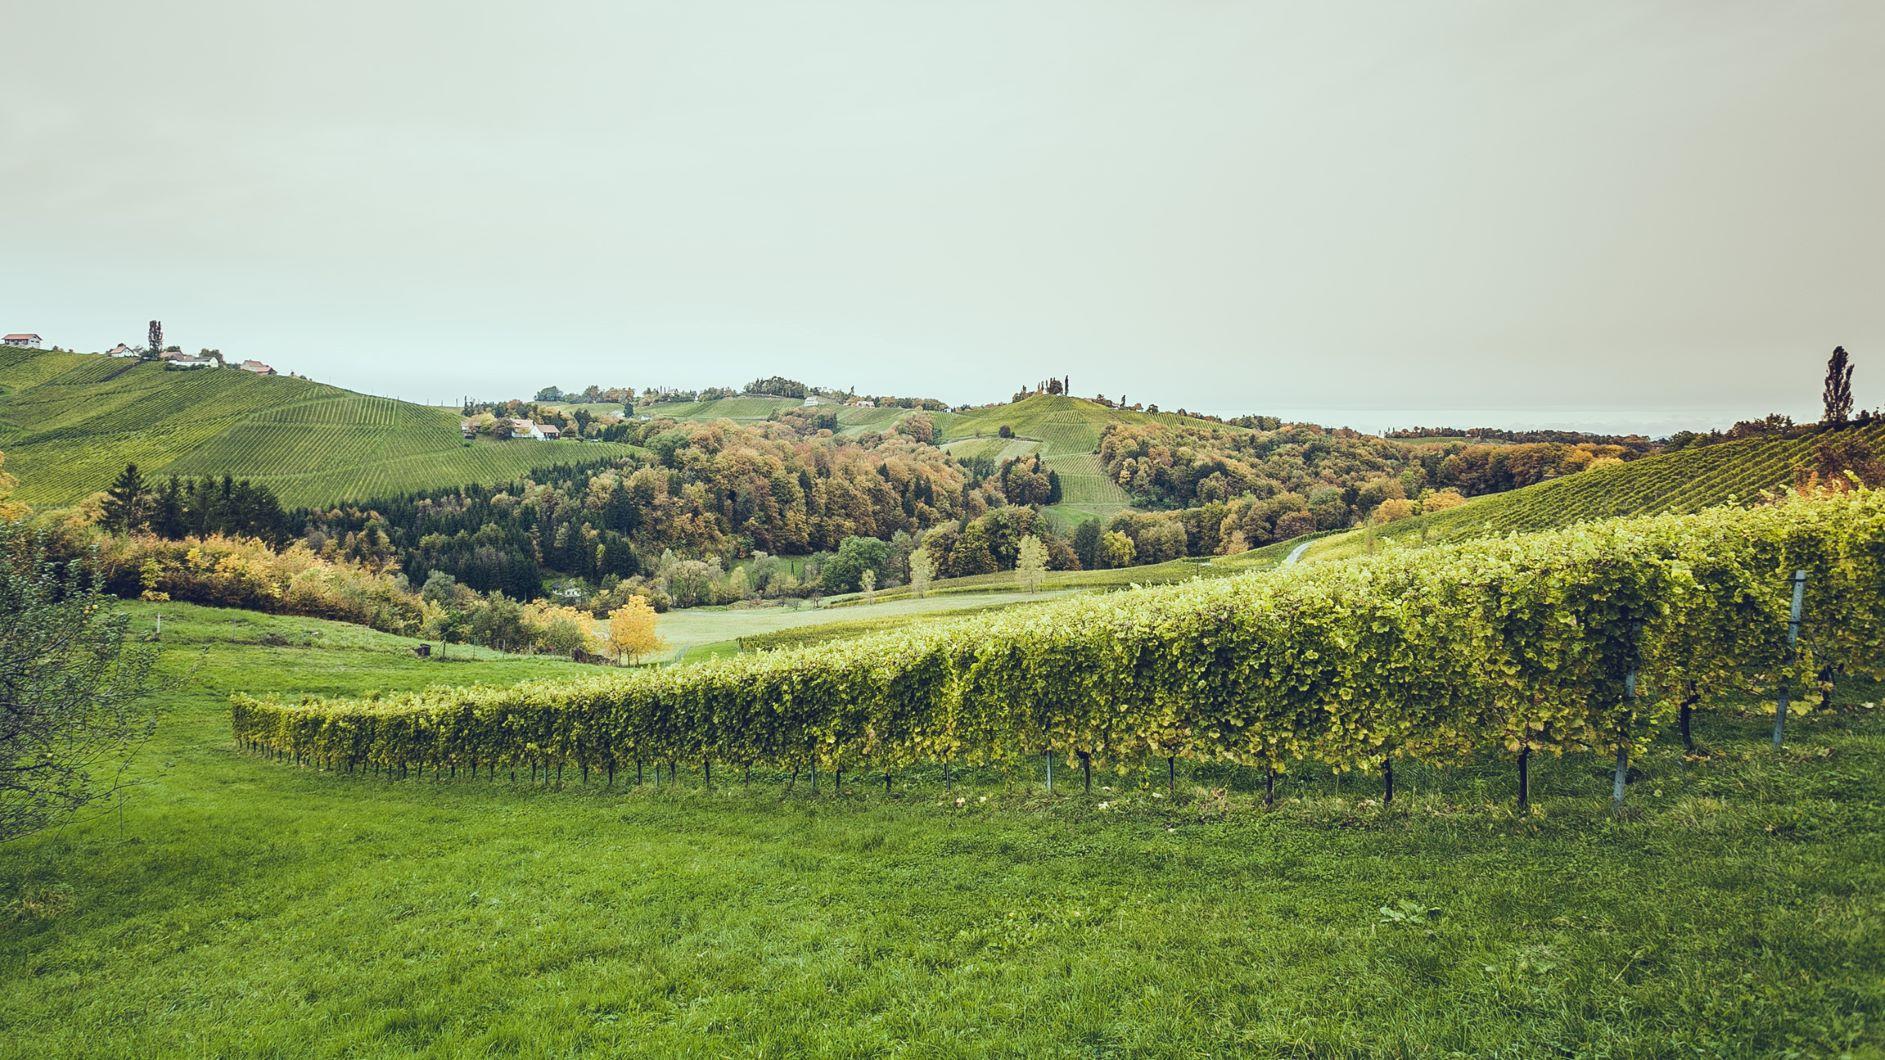 Lieferant Bioweingut Lackner-Tinnacher Landschaft